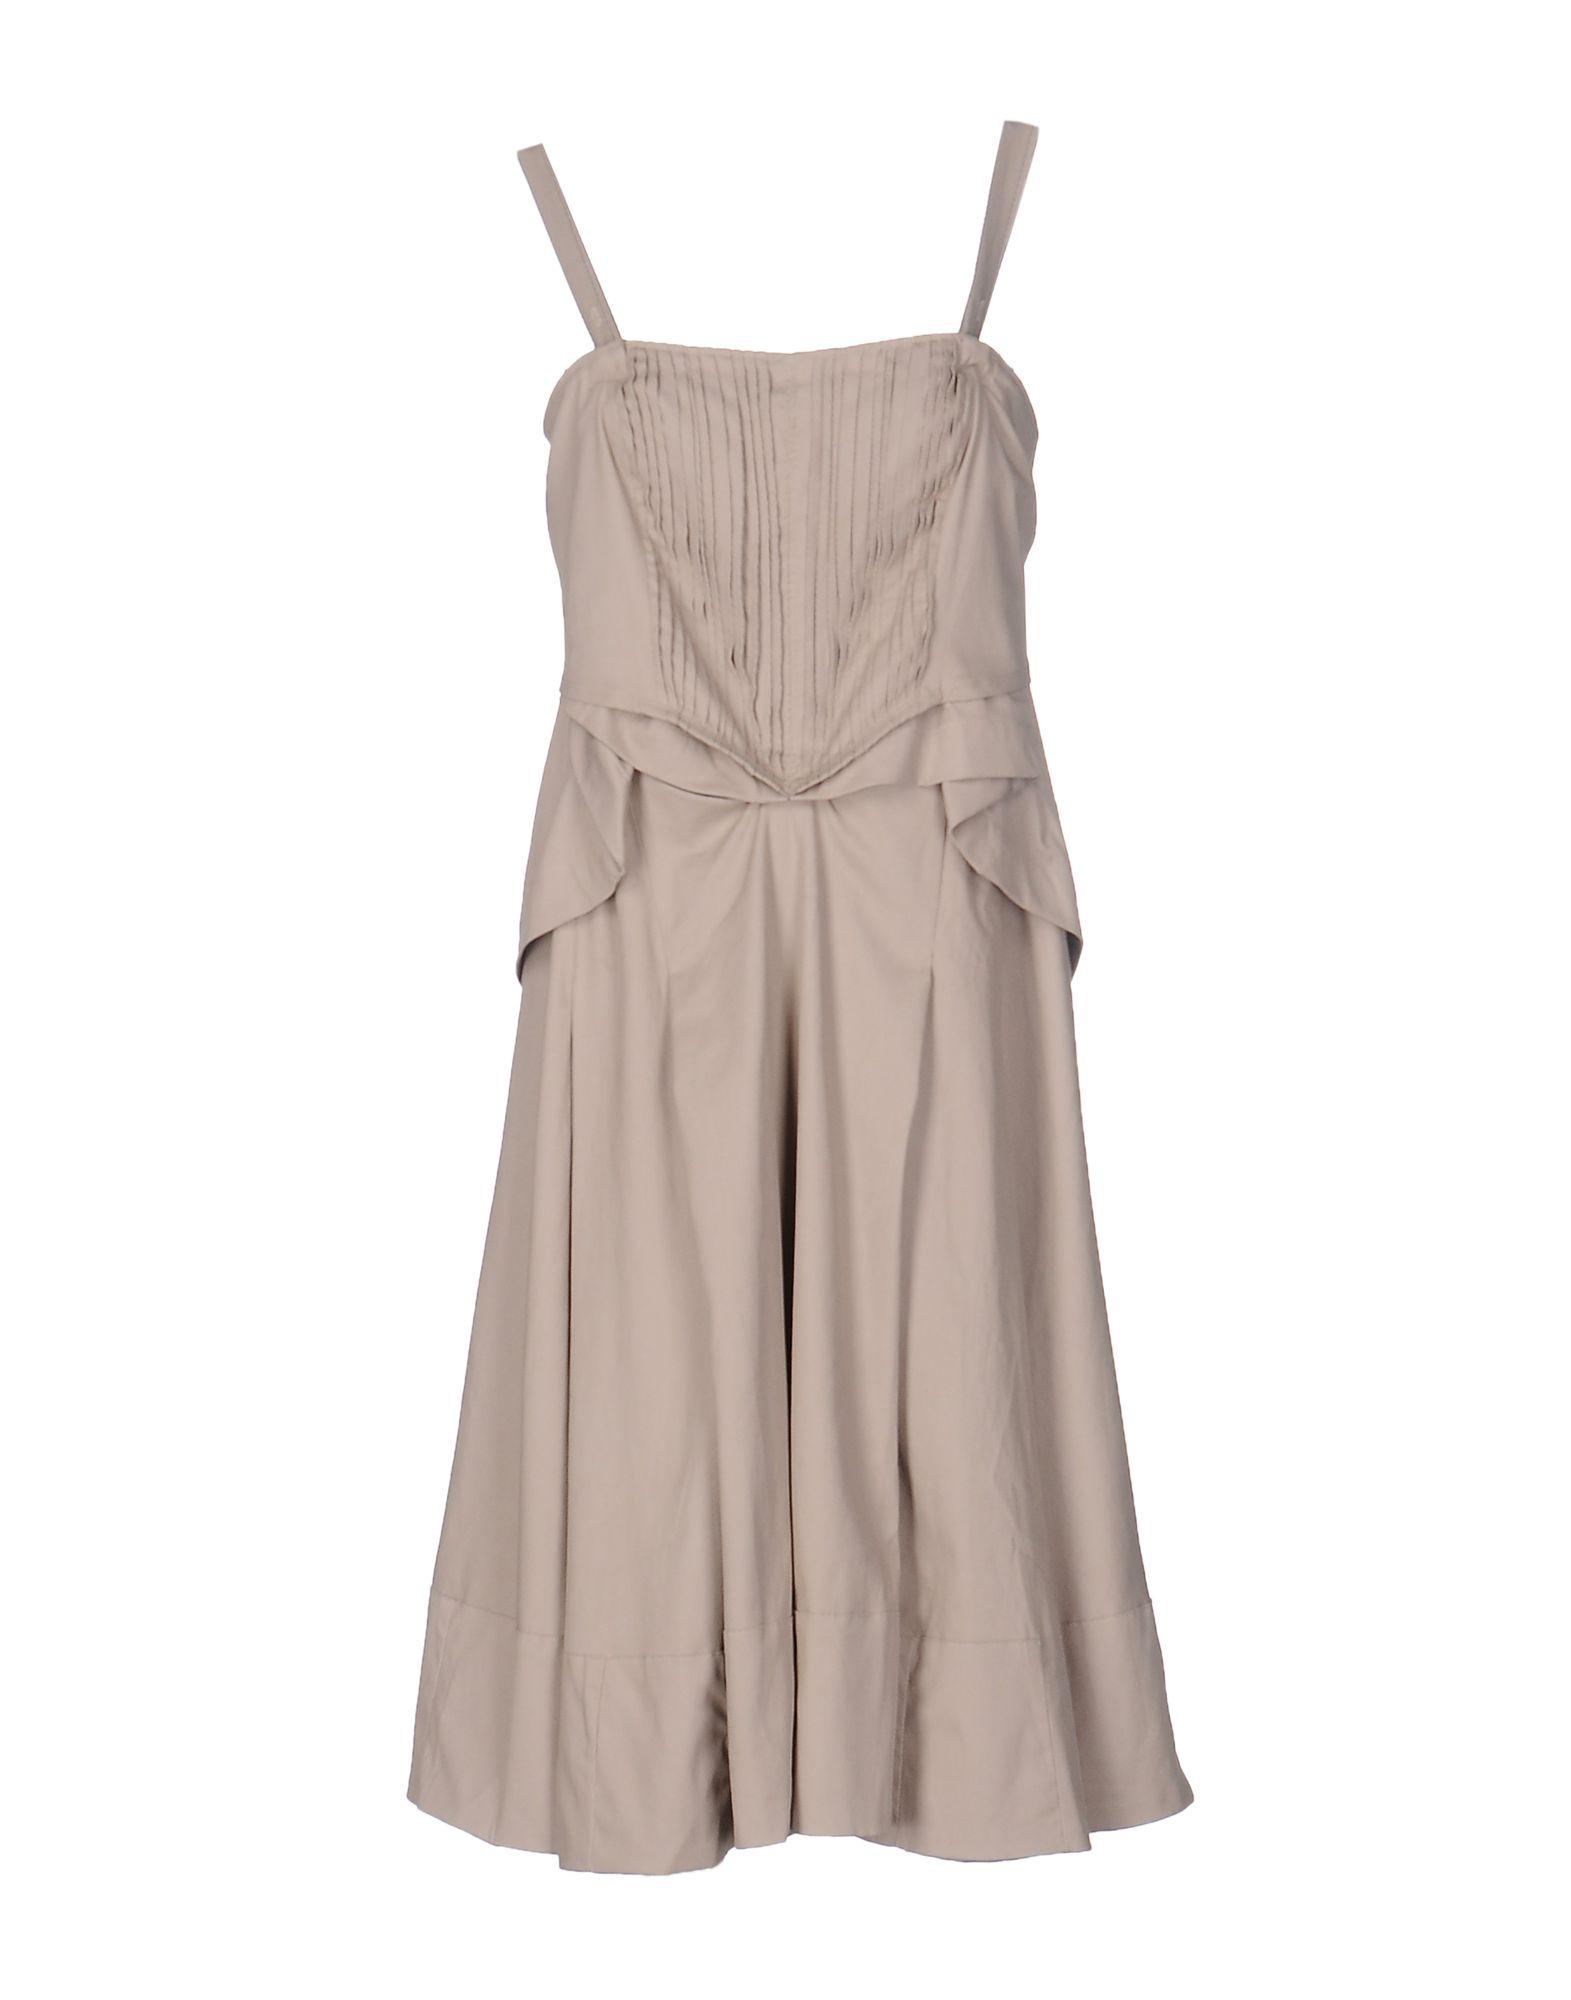 LE JEAN DE MARITHÉ + FRANÇOIS GIRBAUD Платье до колена le jean de marithé françois girbaud джинсовая юбка